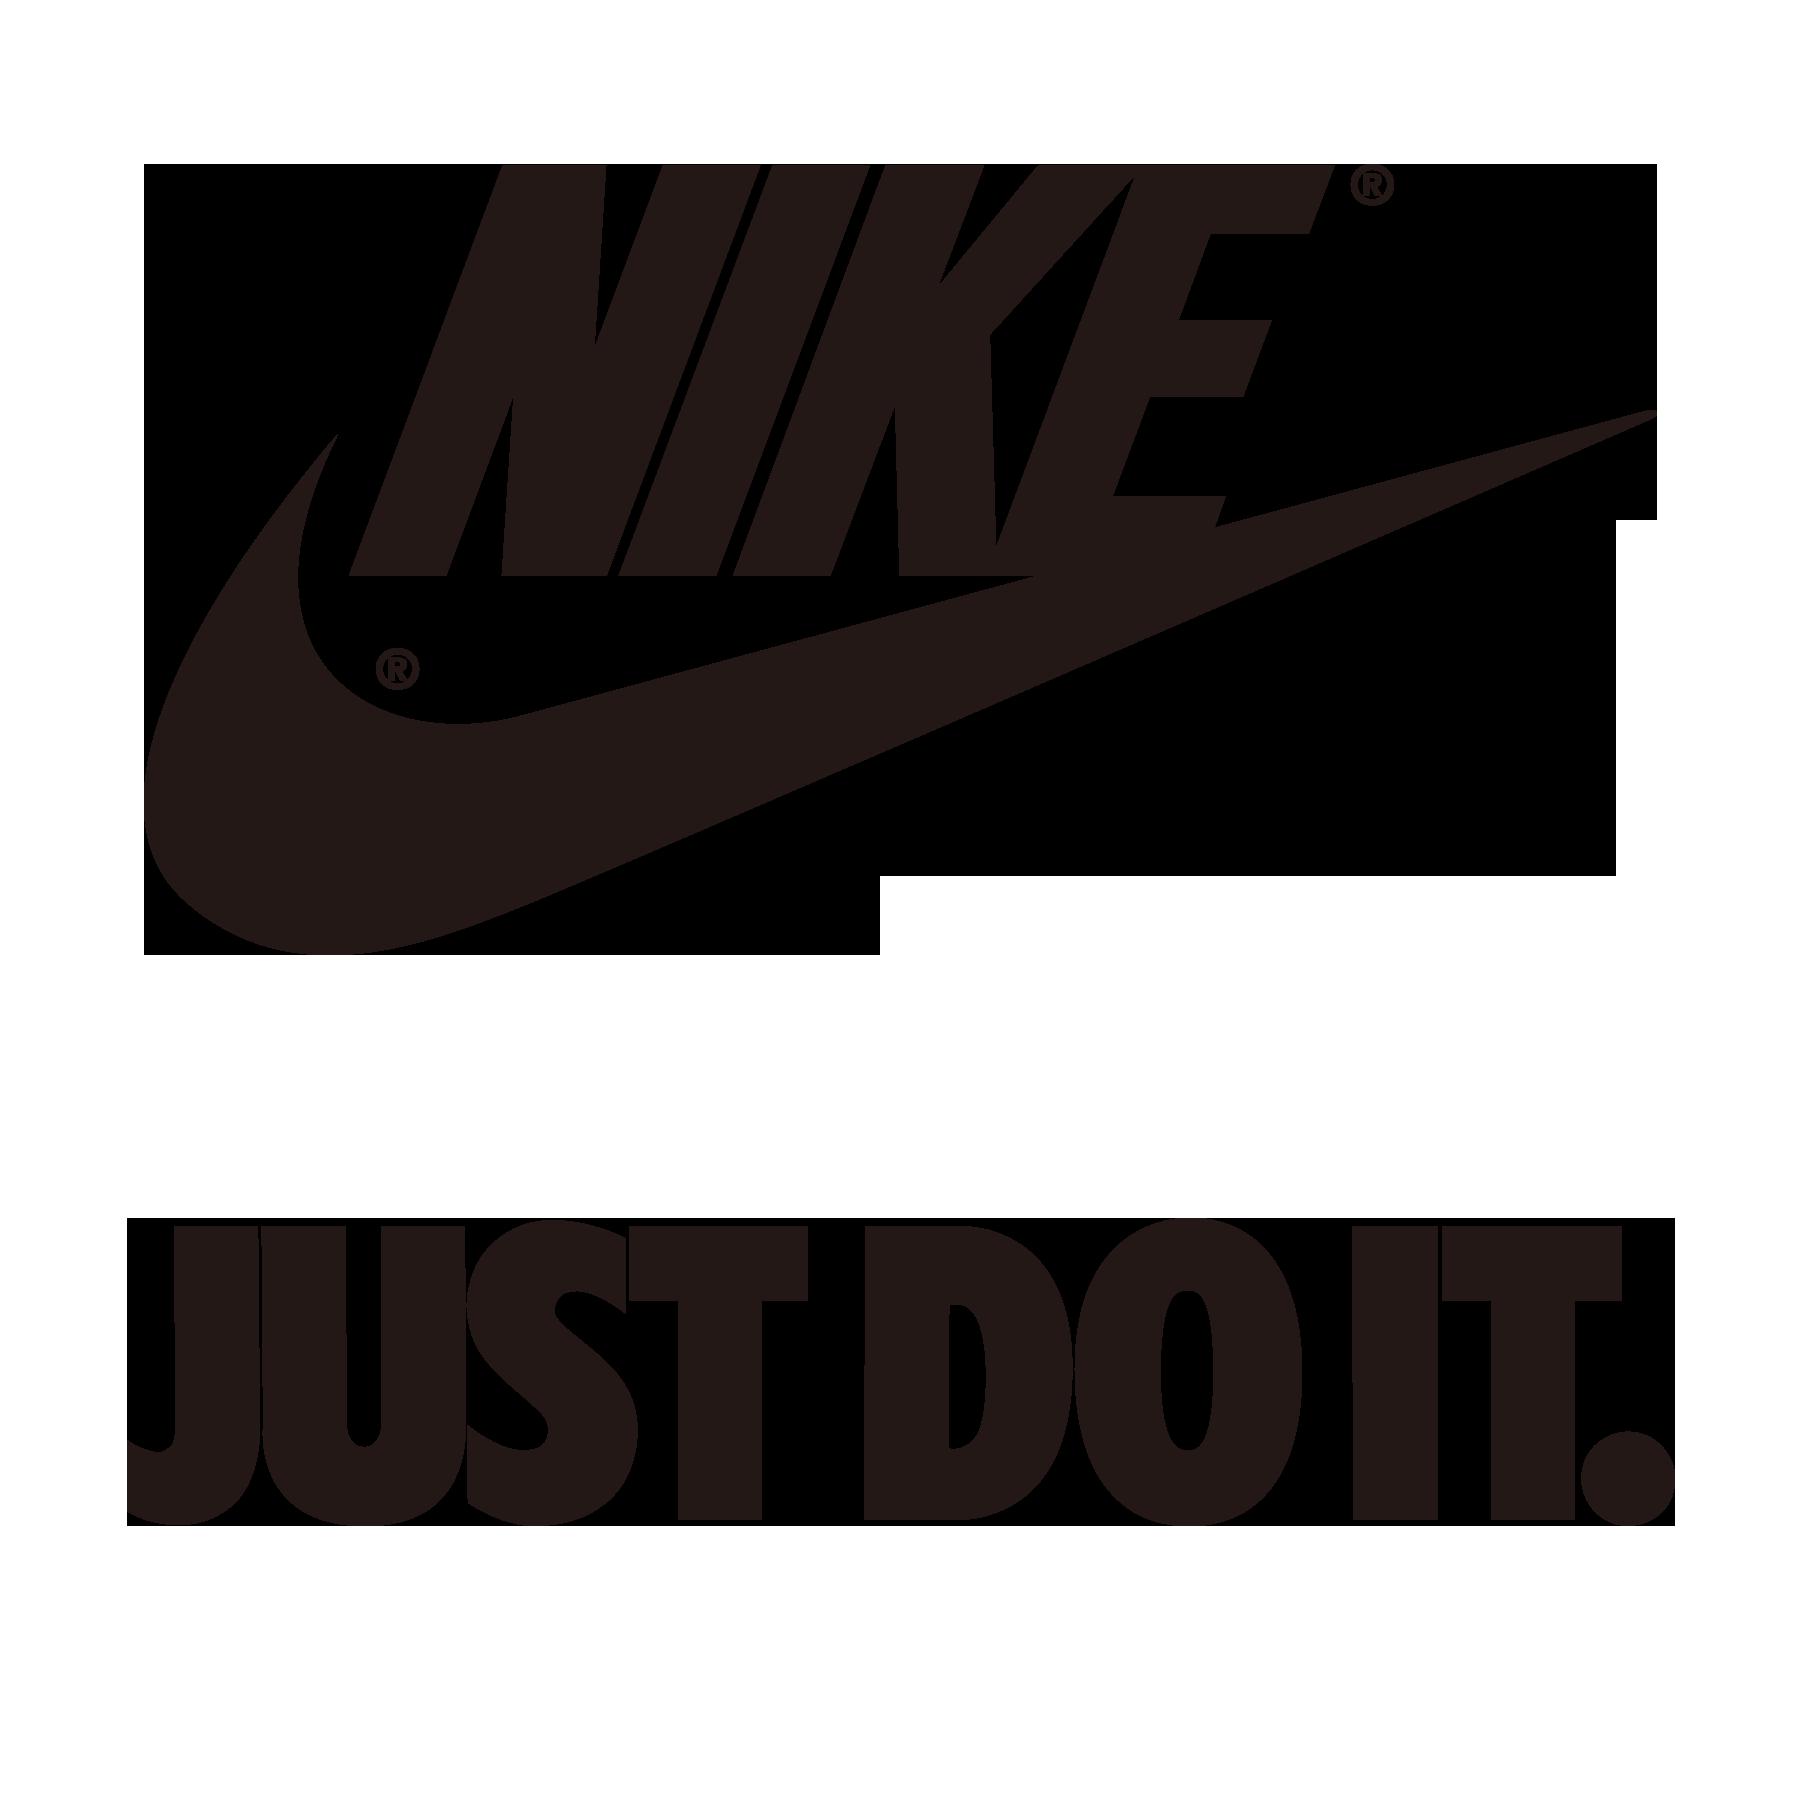 Mata Hierbas frijoles  Download Force Nike Brand Air Jordan Shoe Logo HQ PNG Image | FreePNGImg